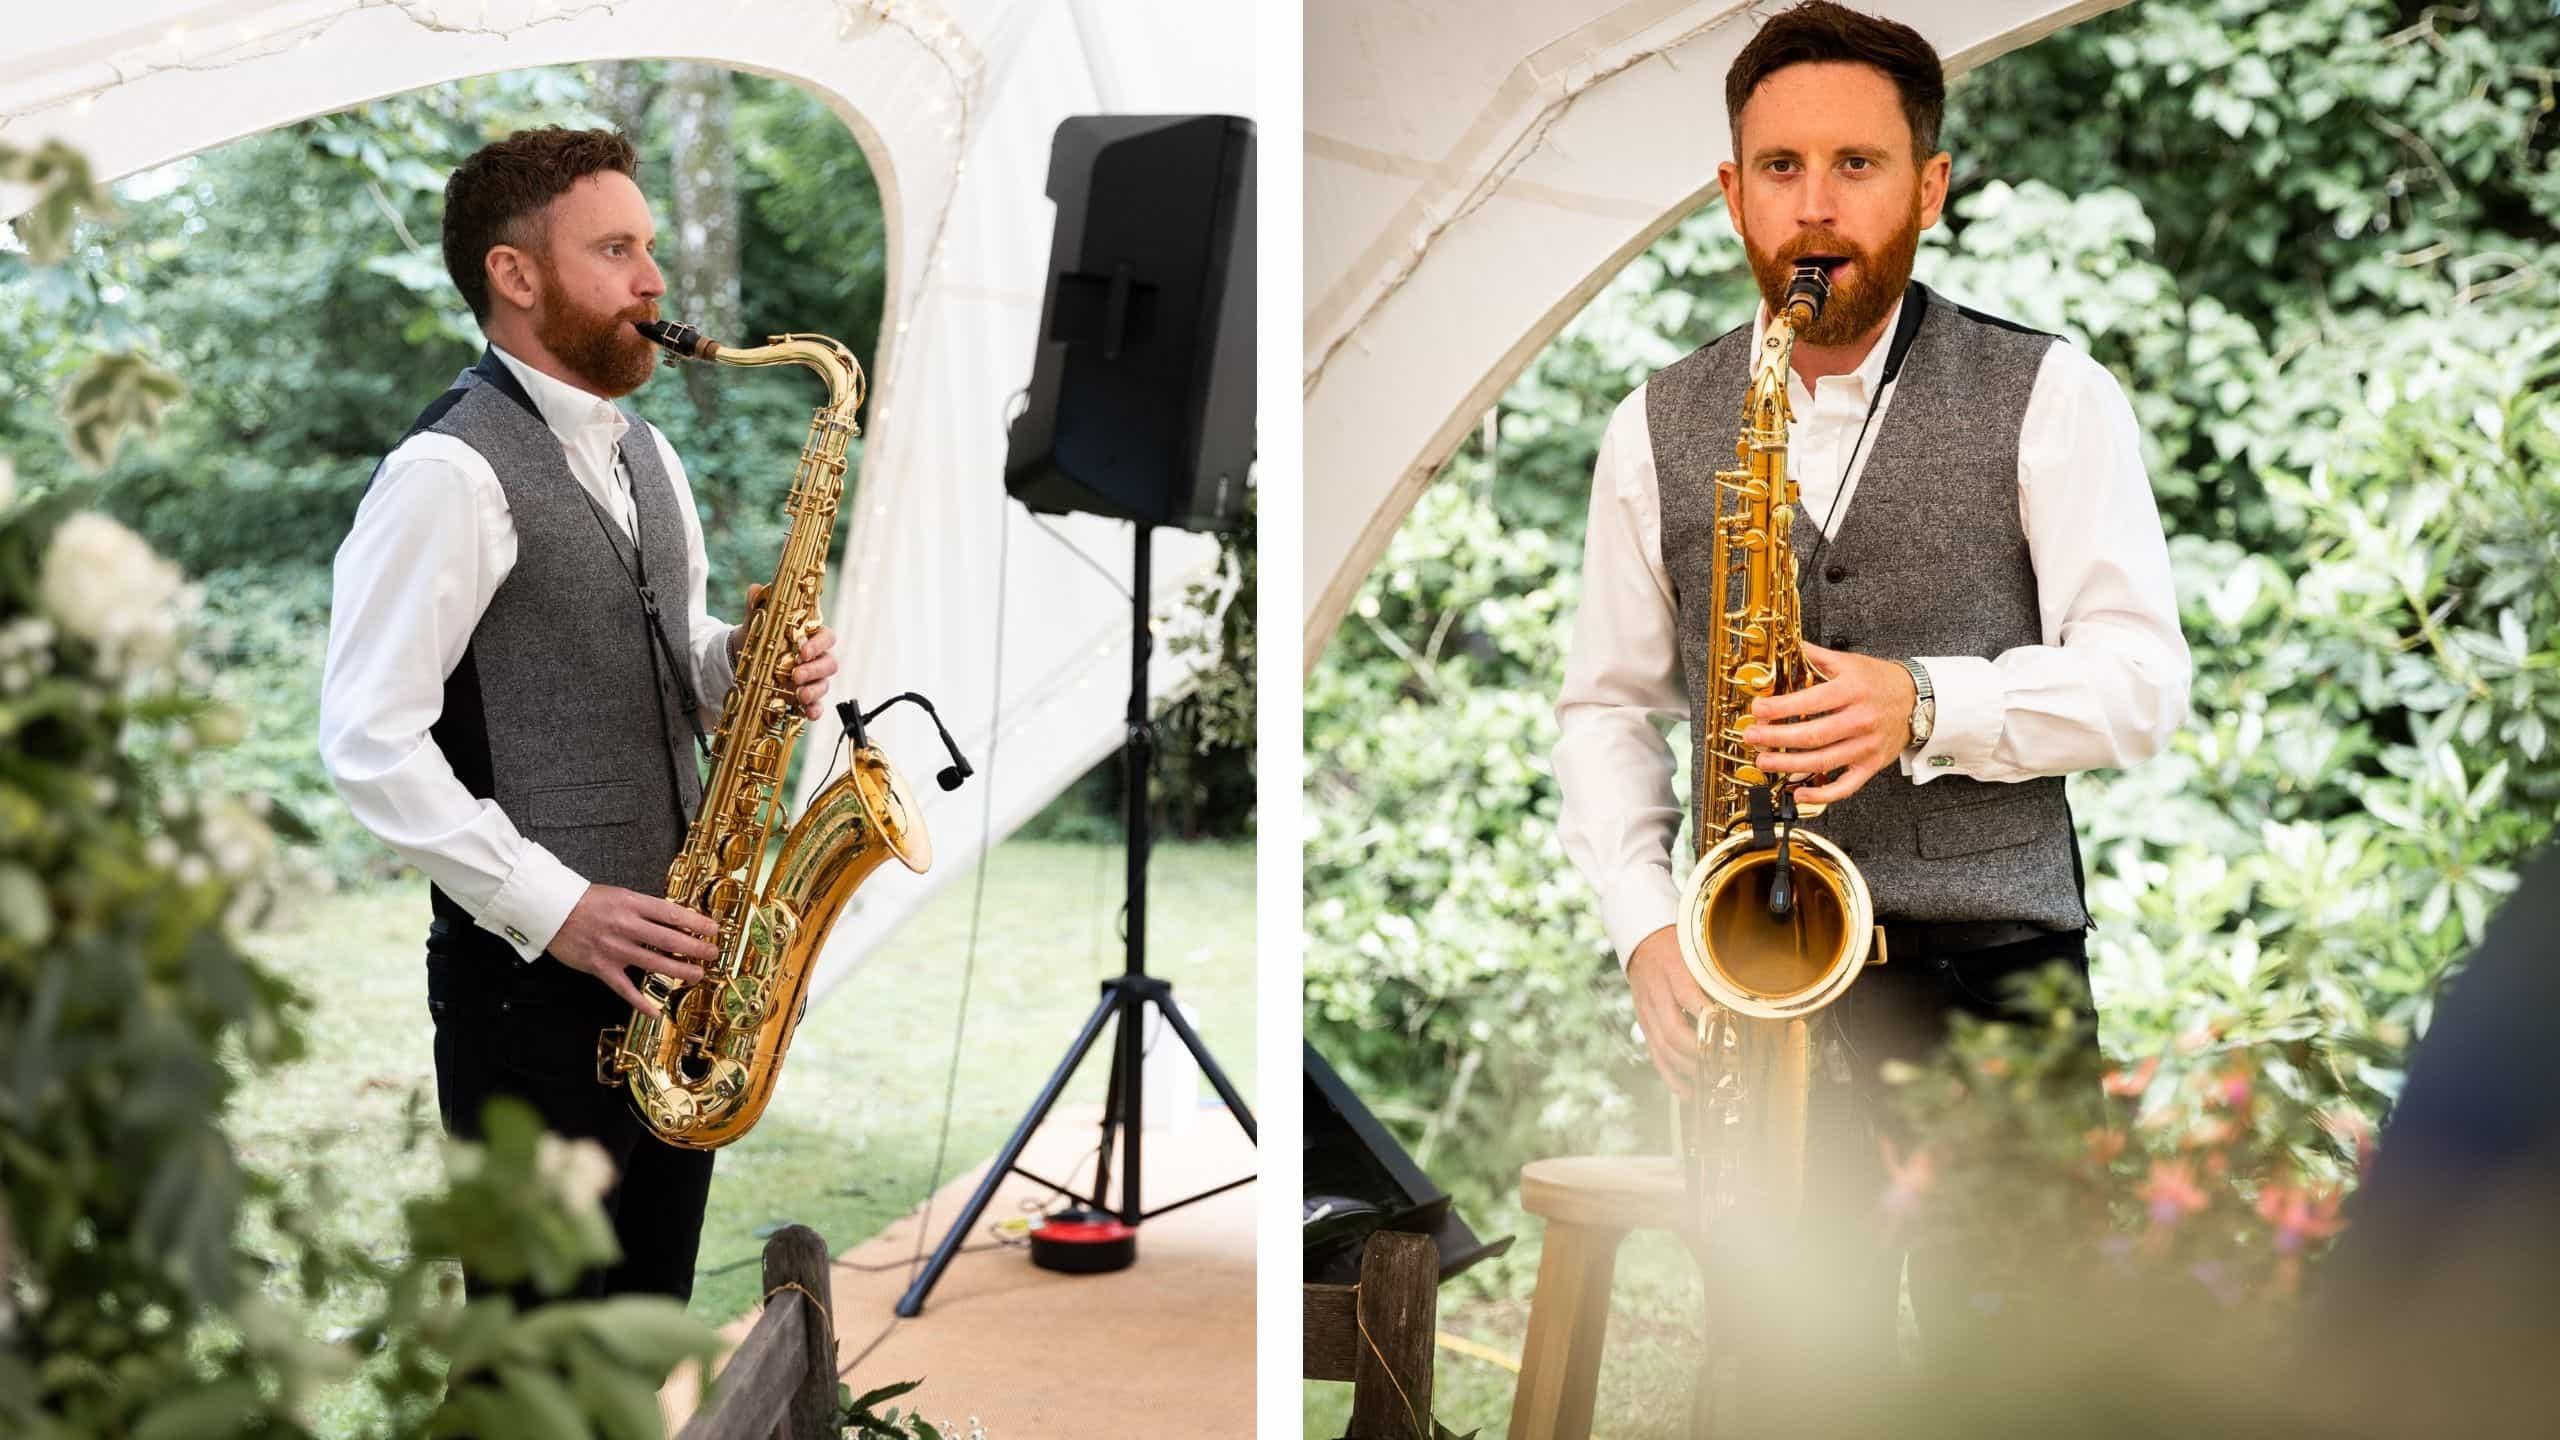 The Wildermen Saxophonist